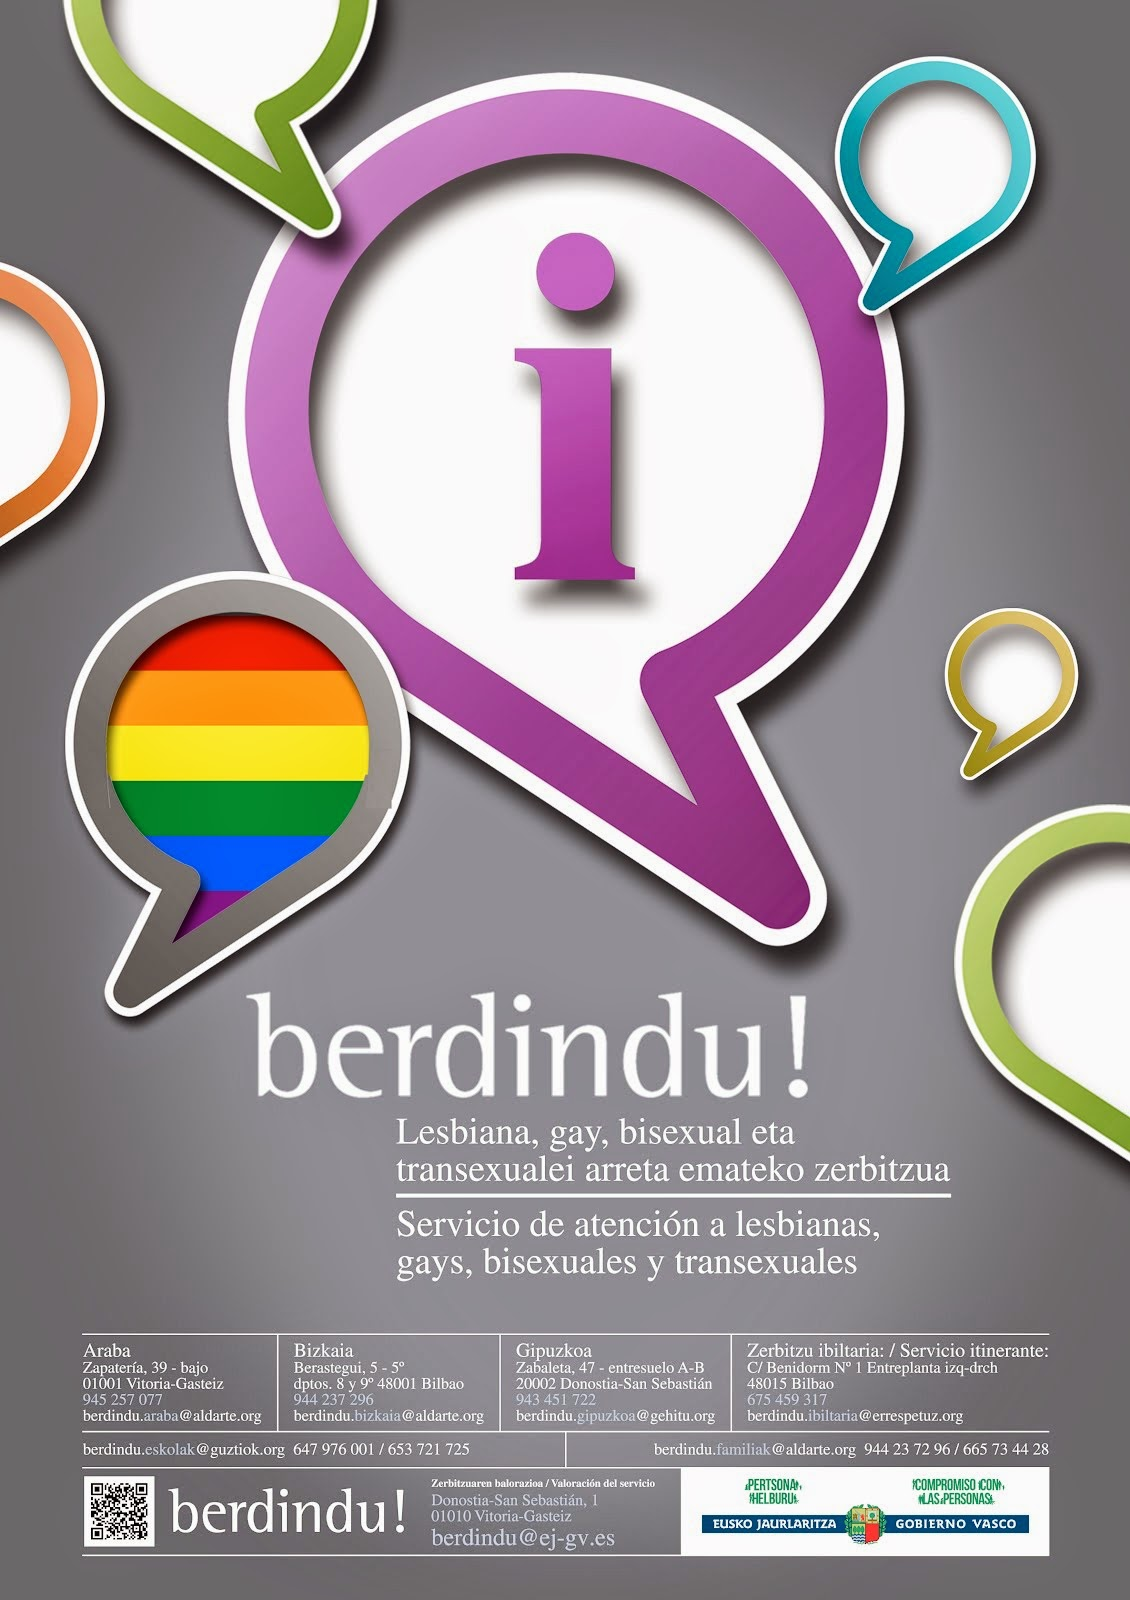 BERDINDU